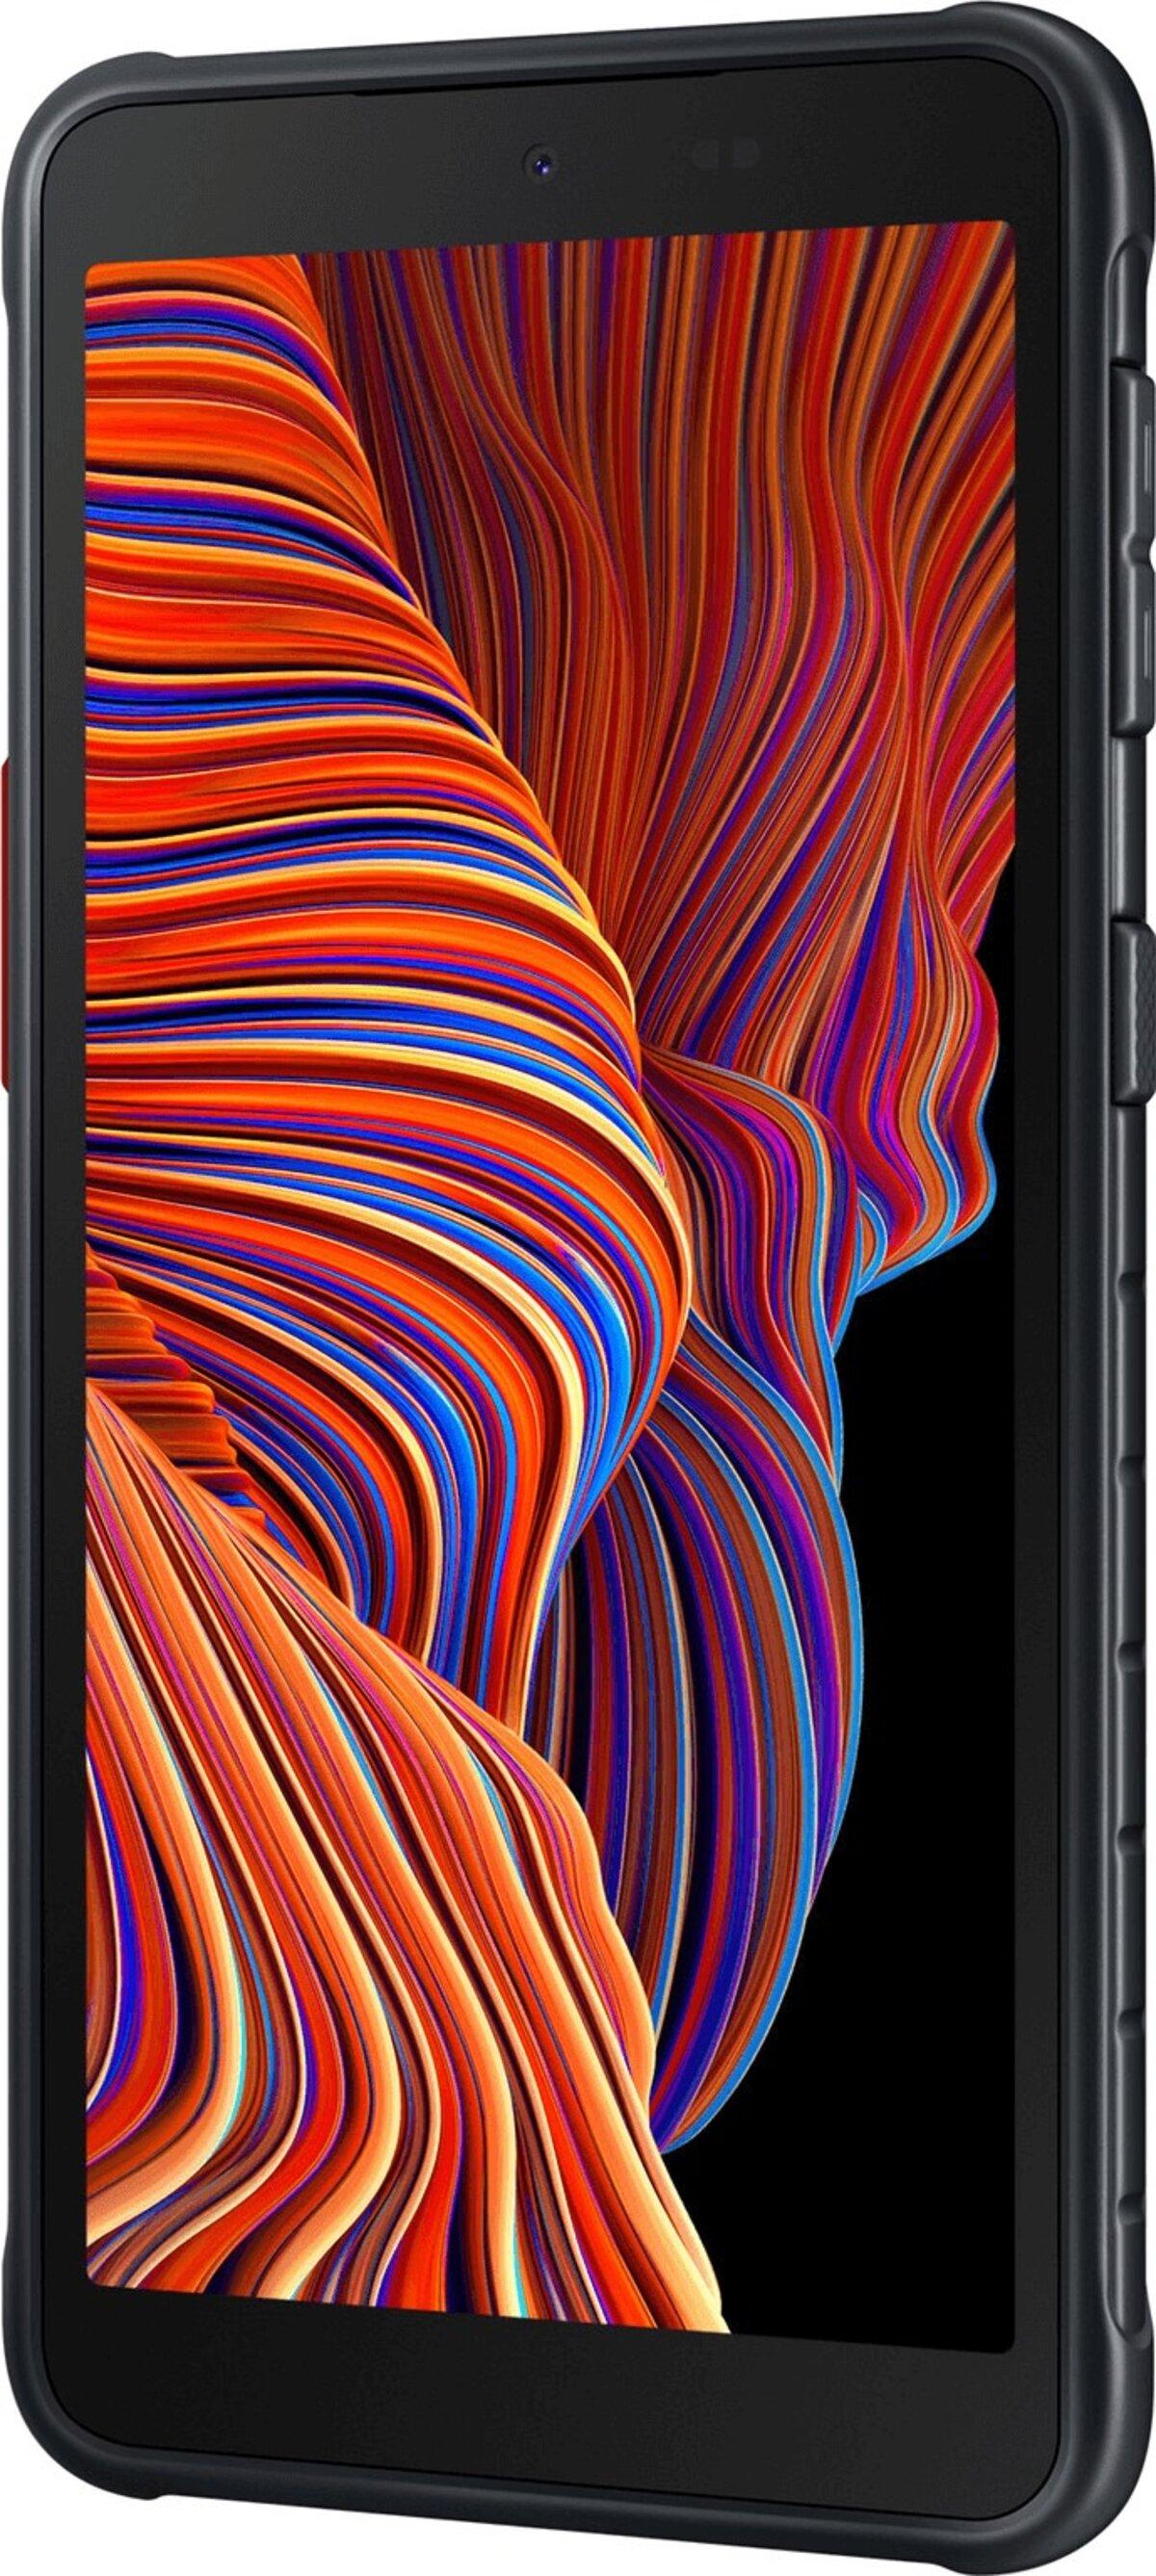 Samsung lancera (encore) un mobile compact avec une batterie amovible